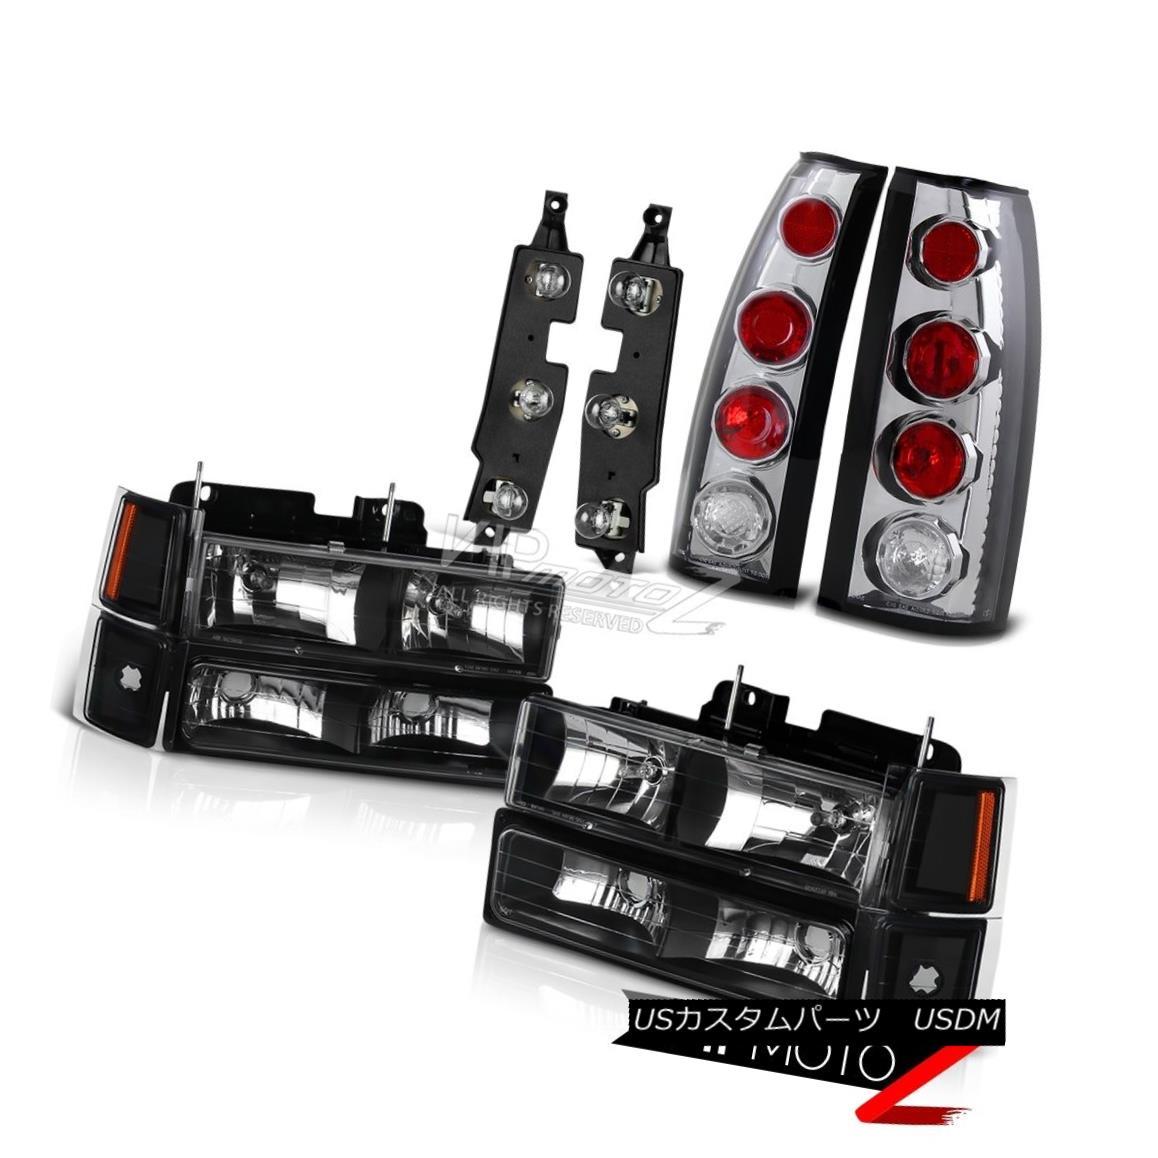 ヘッドライト 94 95 96 97 98 Chevy C2500 Tail Lamp Panel Taillights Black 8Pcs Headlight Combo 94 95 96 97 98シボレーC2500テールランプパネルテールランプブラック8個ヘッドライトコンボ